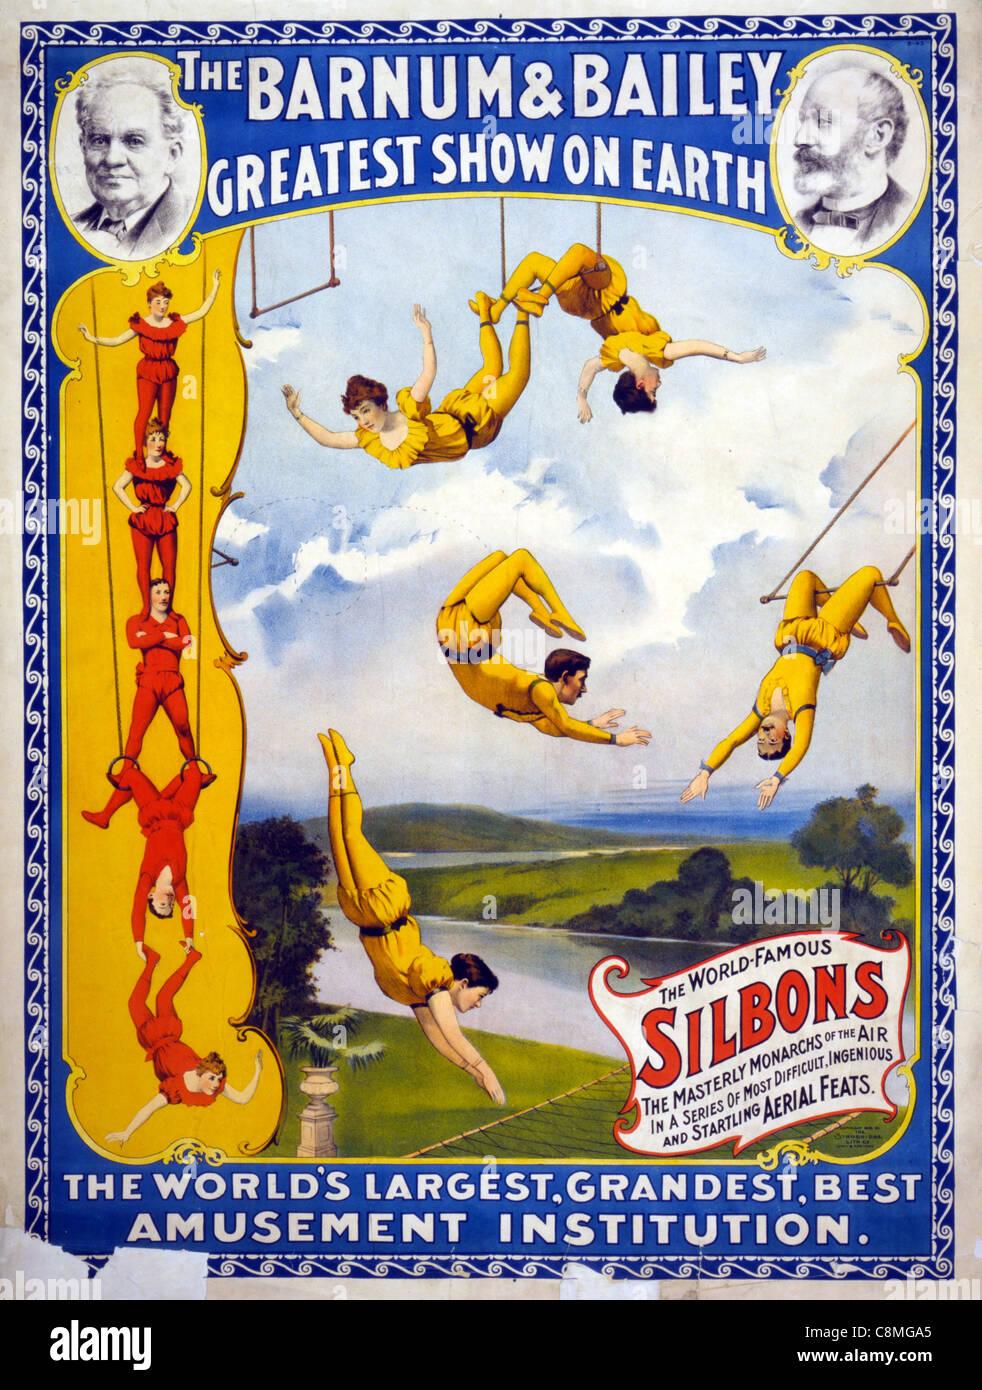 Il Barnum & Bailey più grande spettacolo sulla terra il più grande del mondo, grandiosi, migliore Immagini Stock